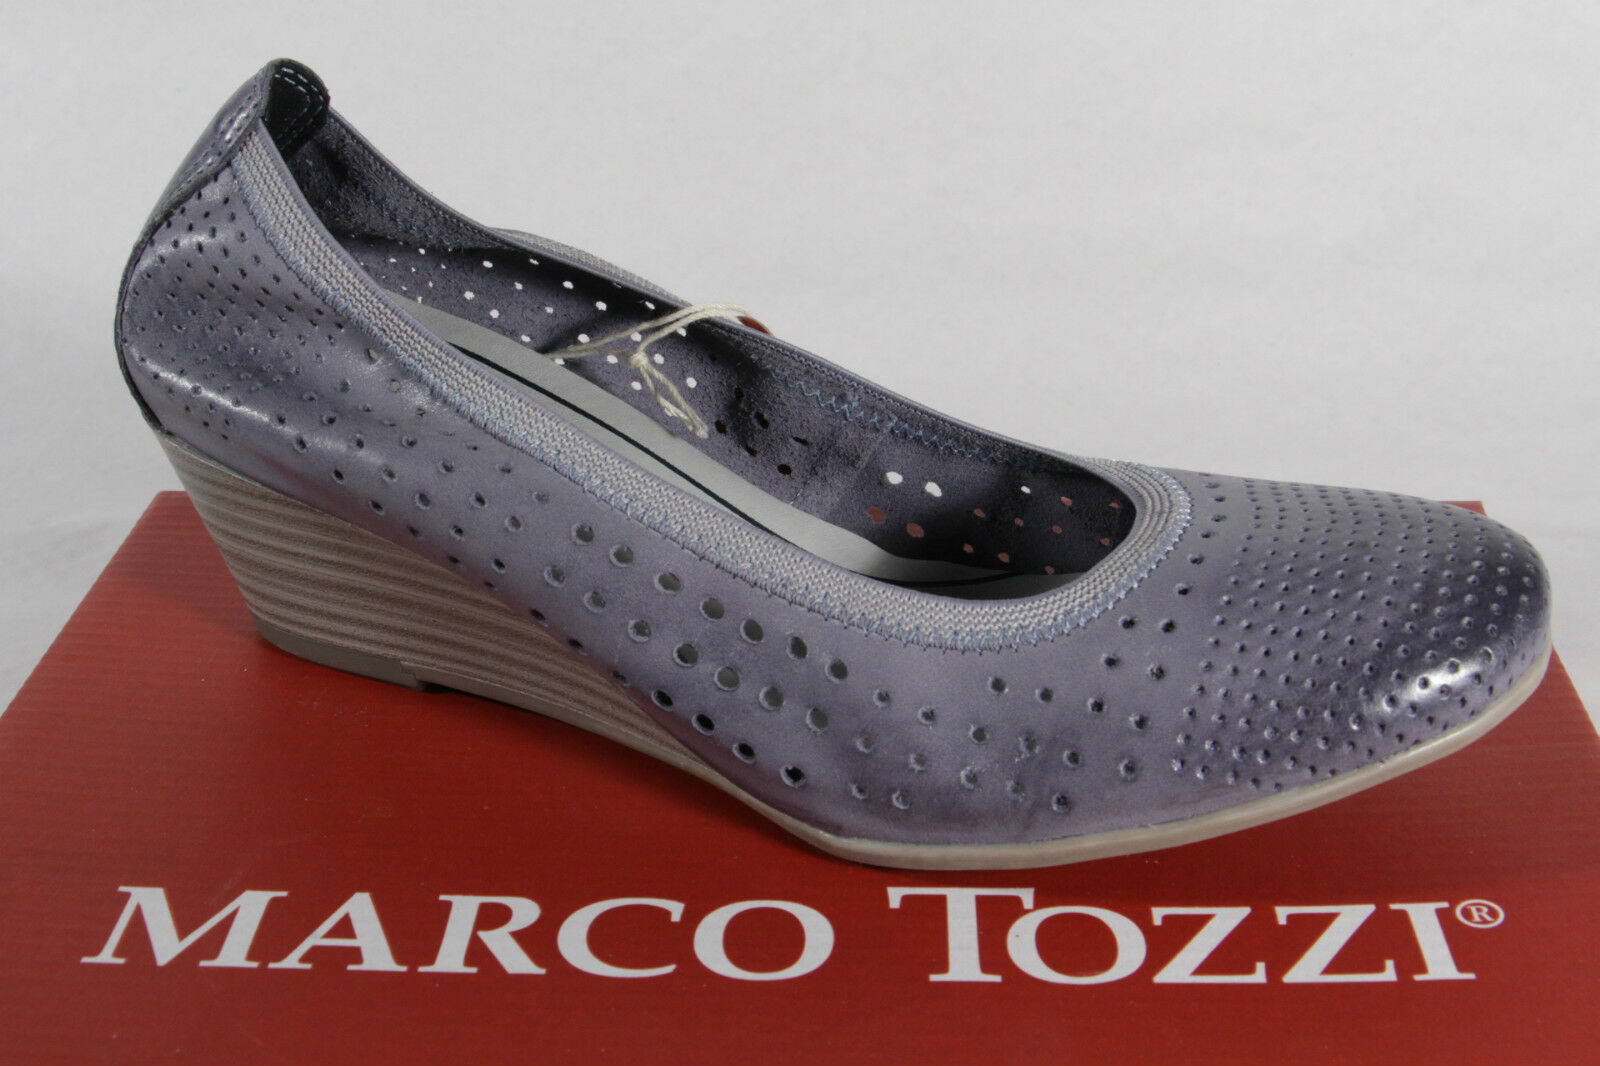 Descuento barato Marco Tozzi Zapatos De Tacón Zapatillas de Bailarina Azul Suave Suela Interior